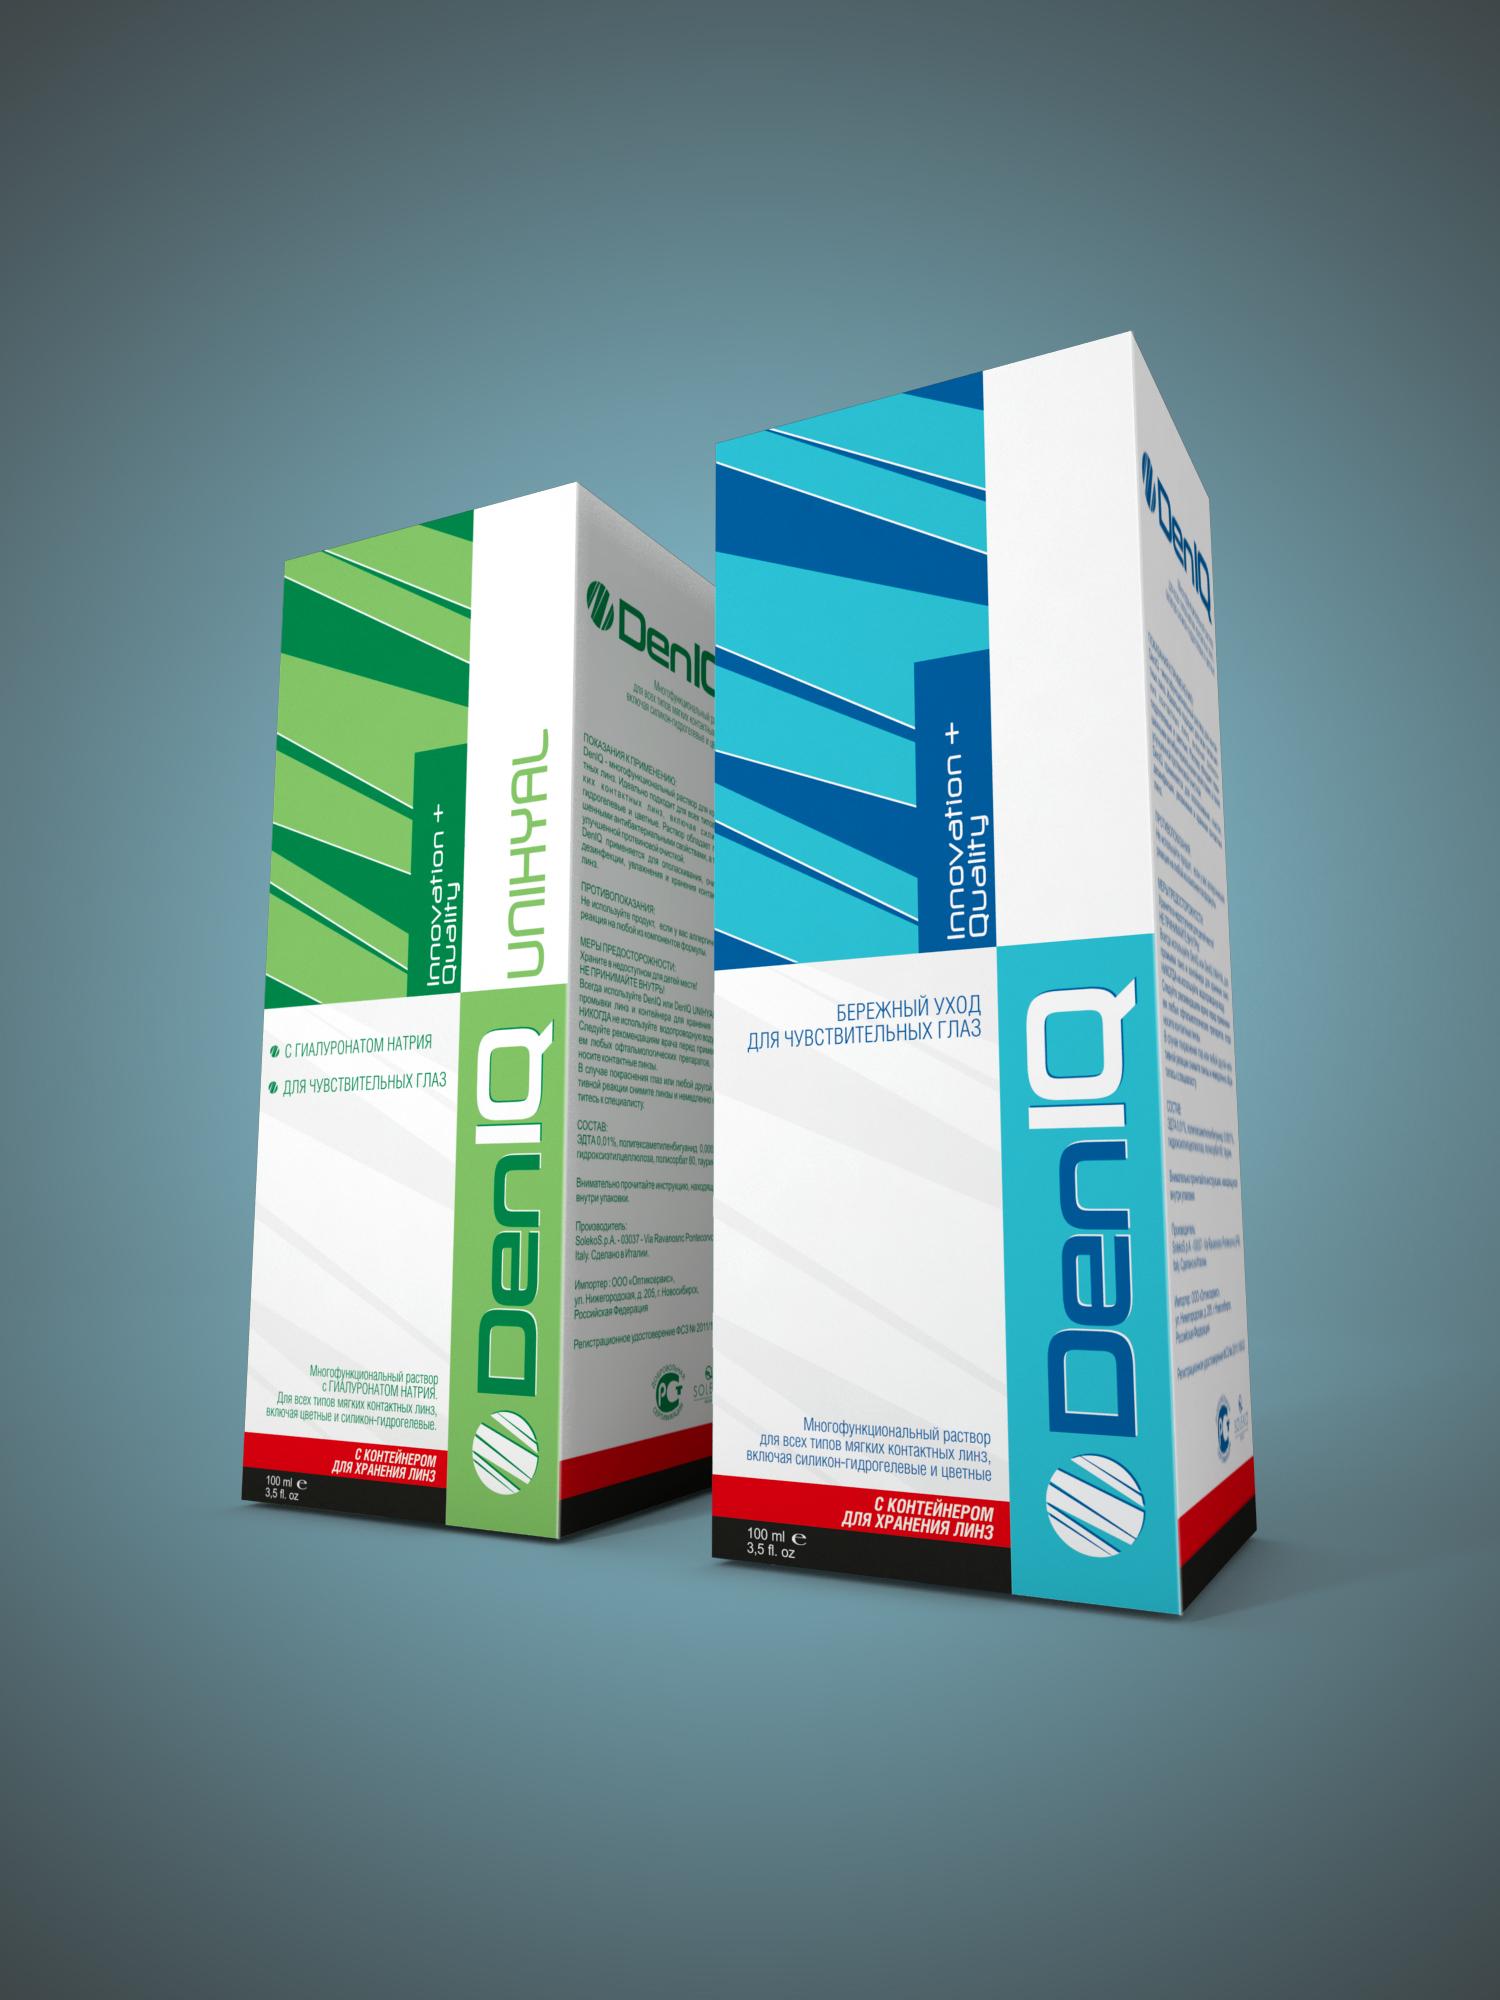 Конкурс на разработку дизайна упаковки фото f_504798d9e7a8f.jpg